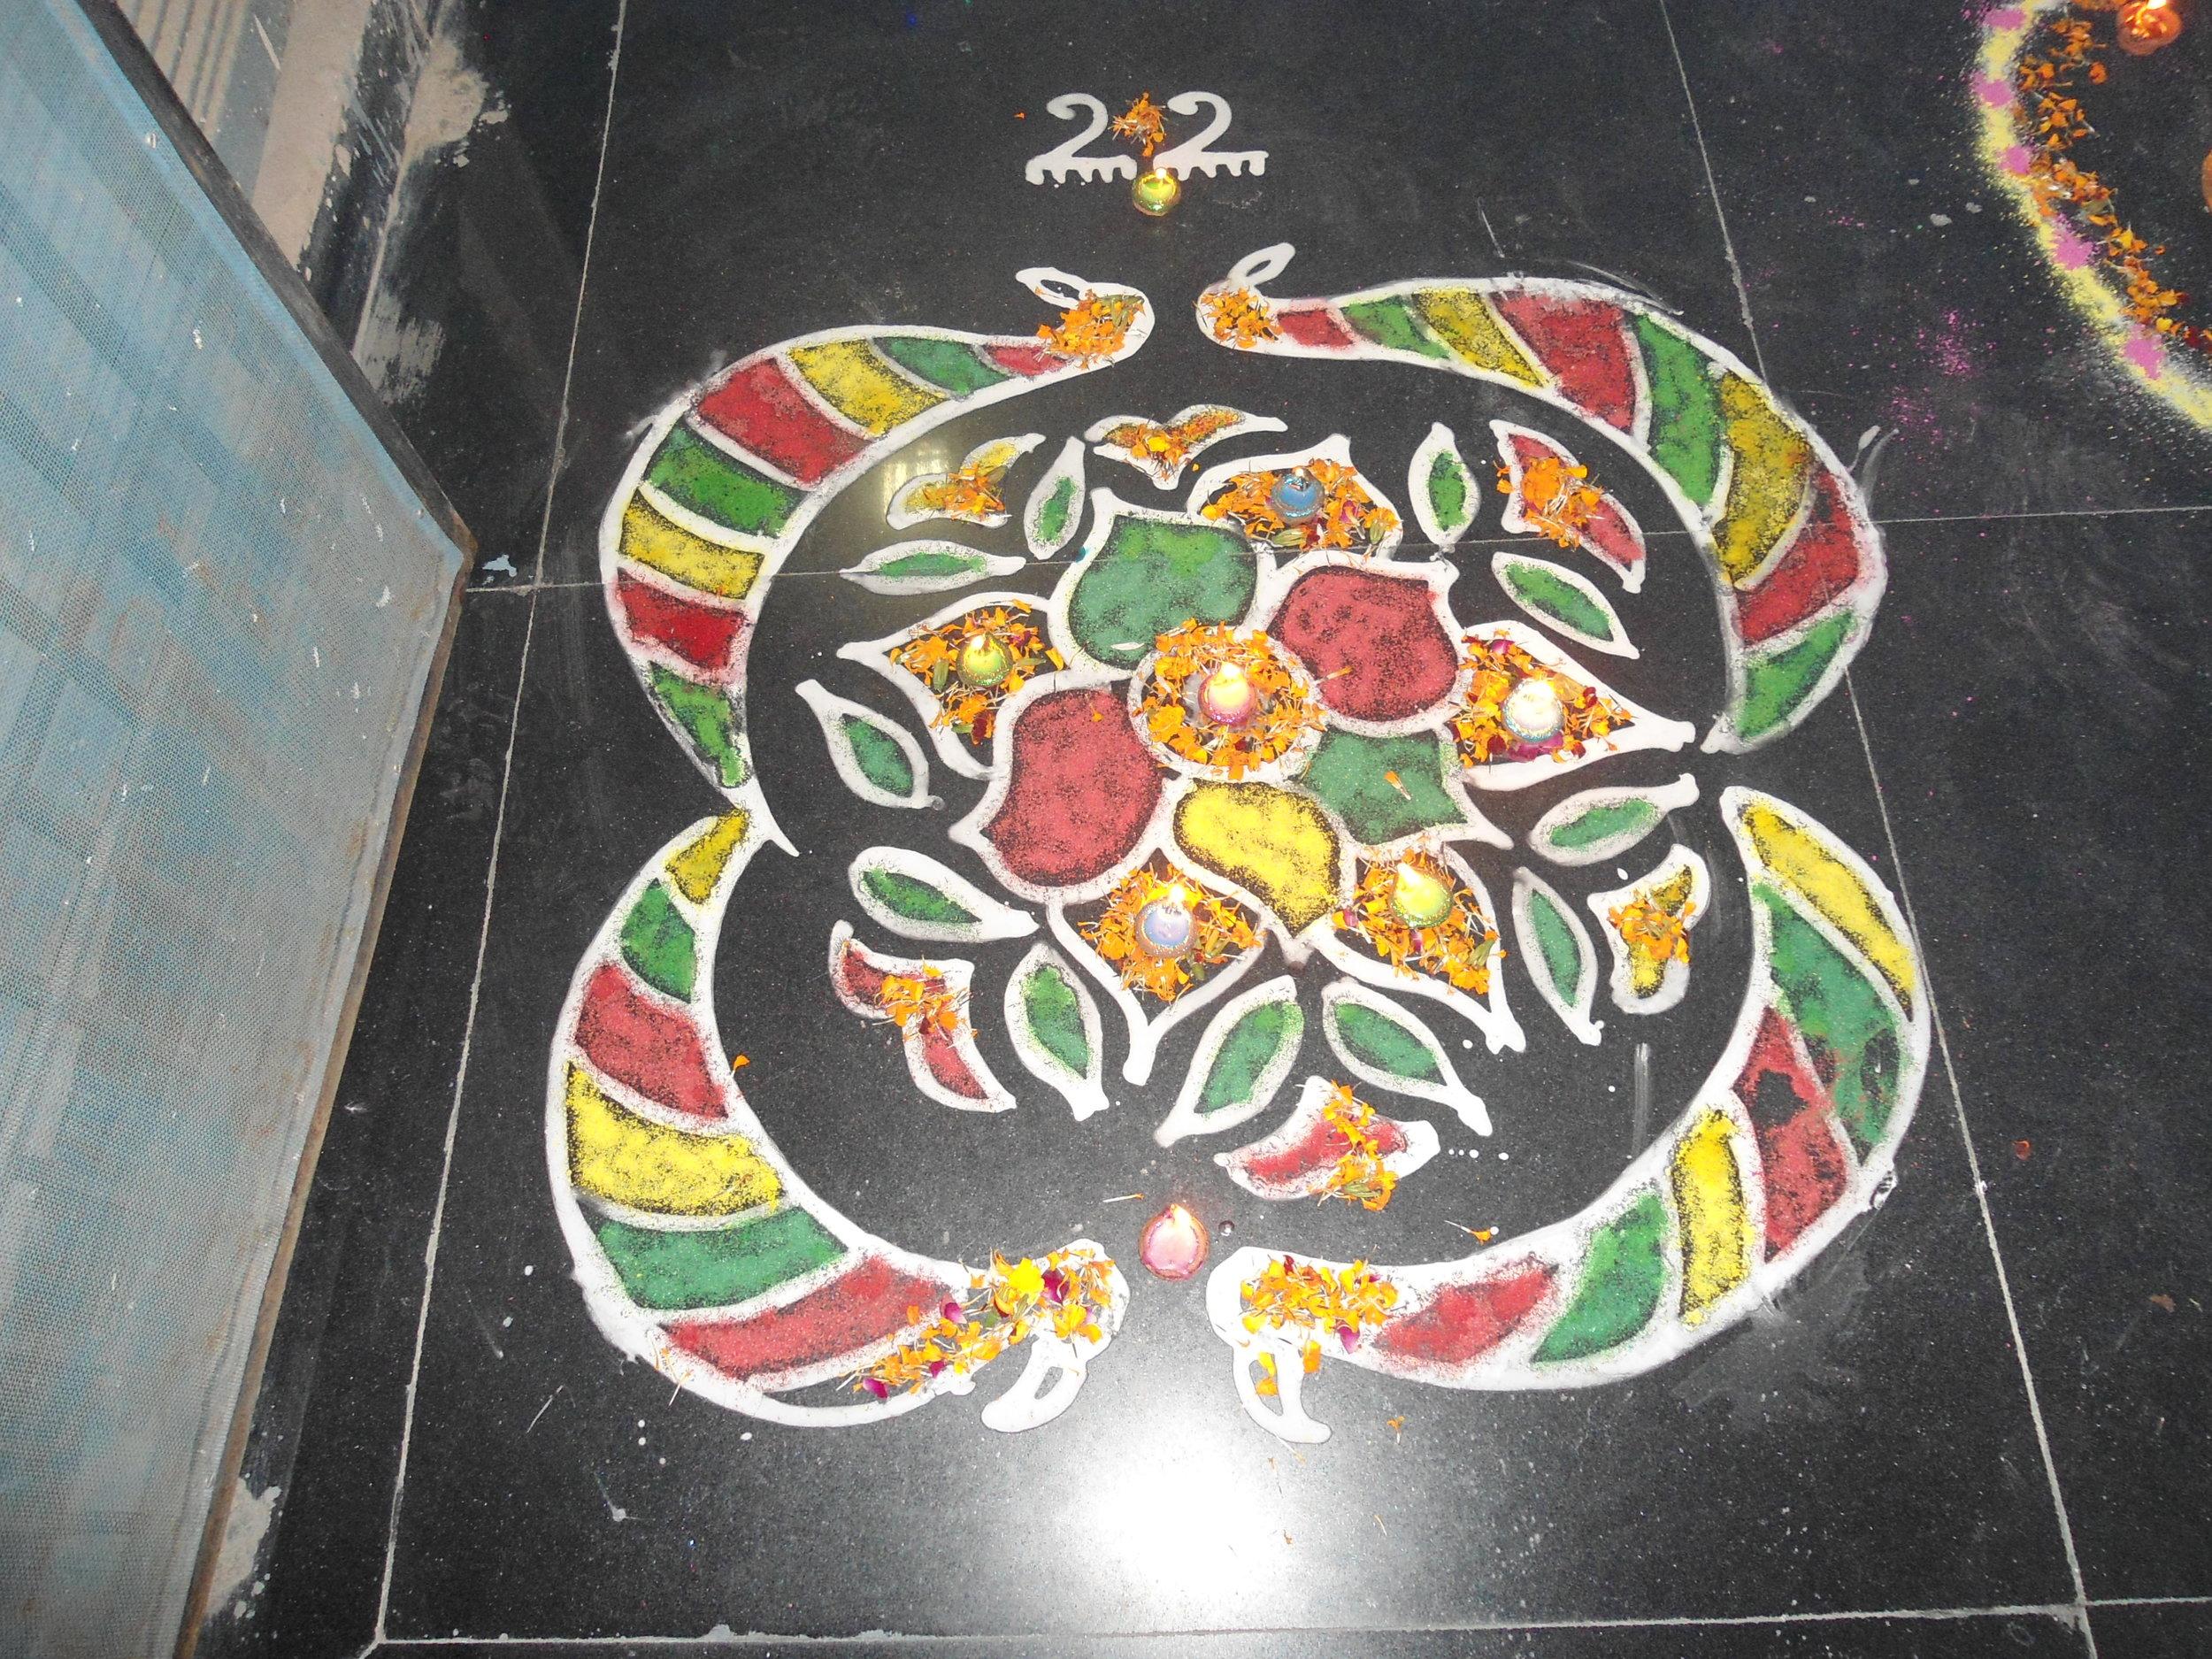 Kolam Design classes in Pondicherry